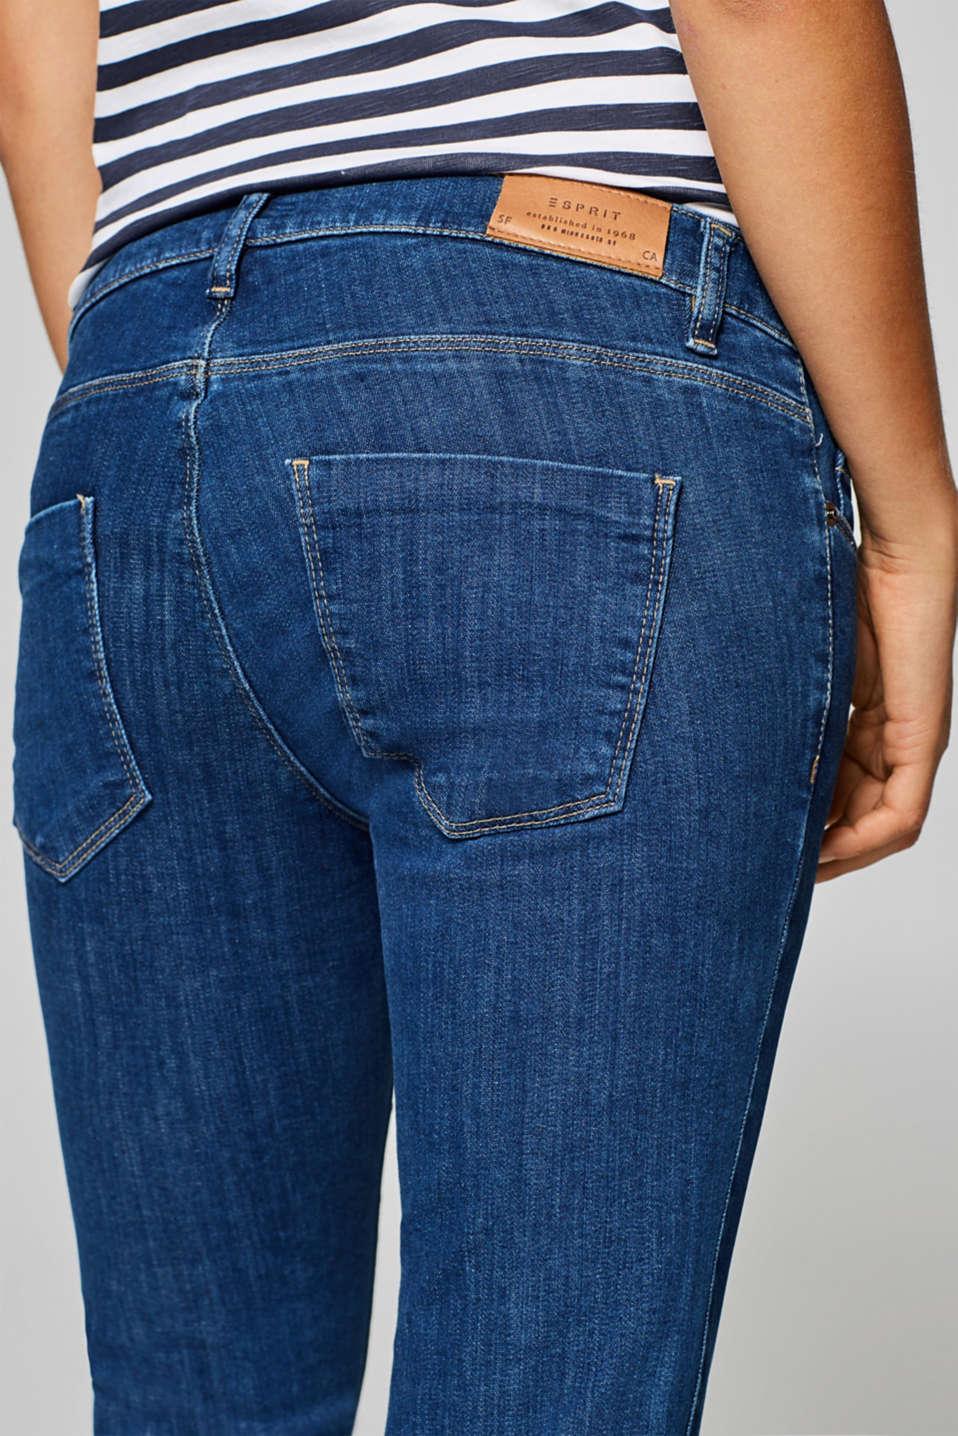 Pants denim, LCDARKWASH, detail image number 5